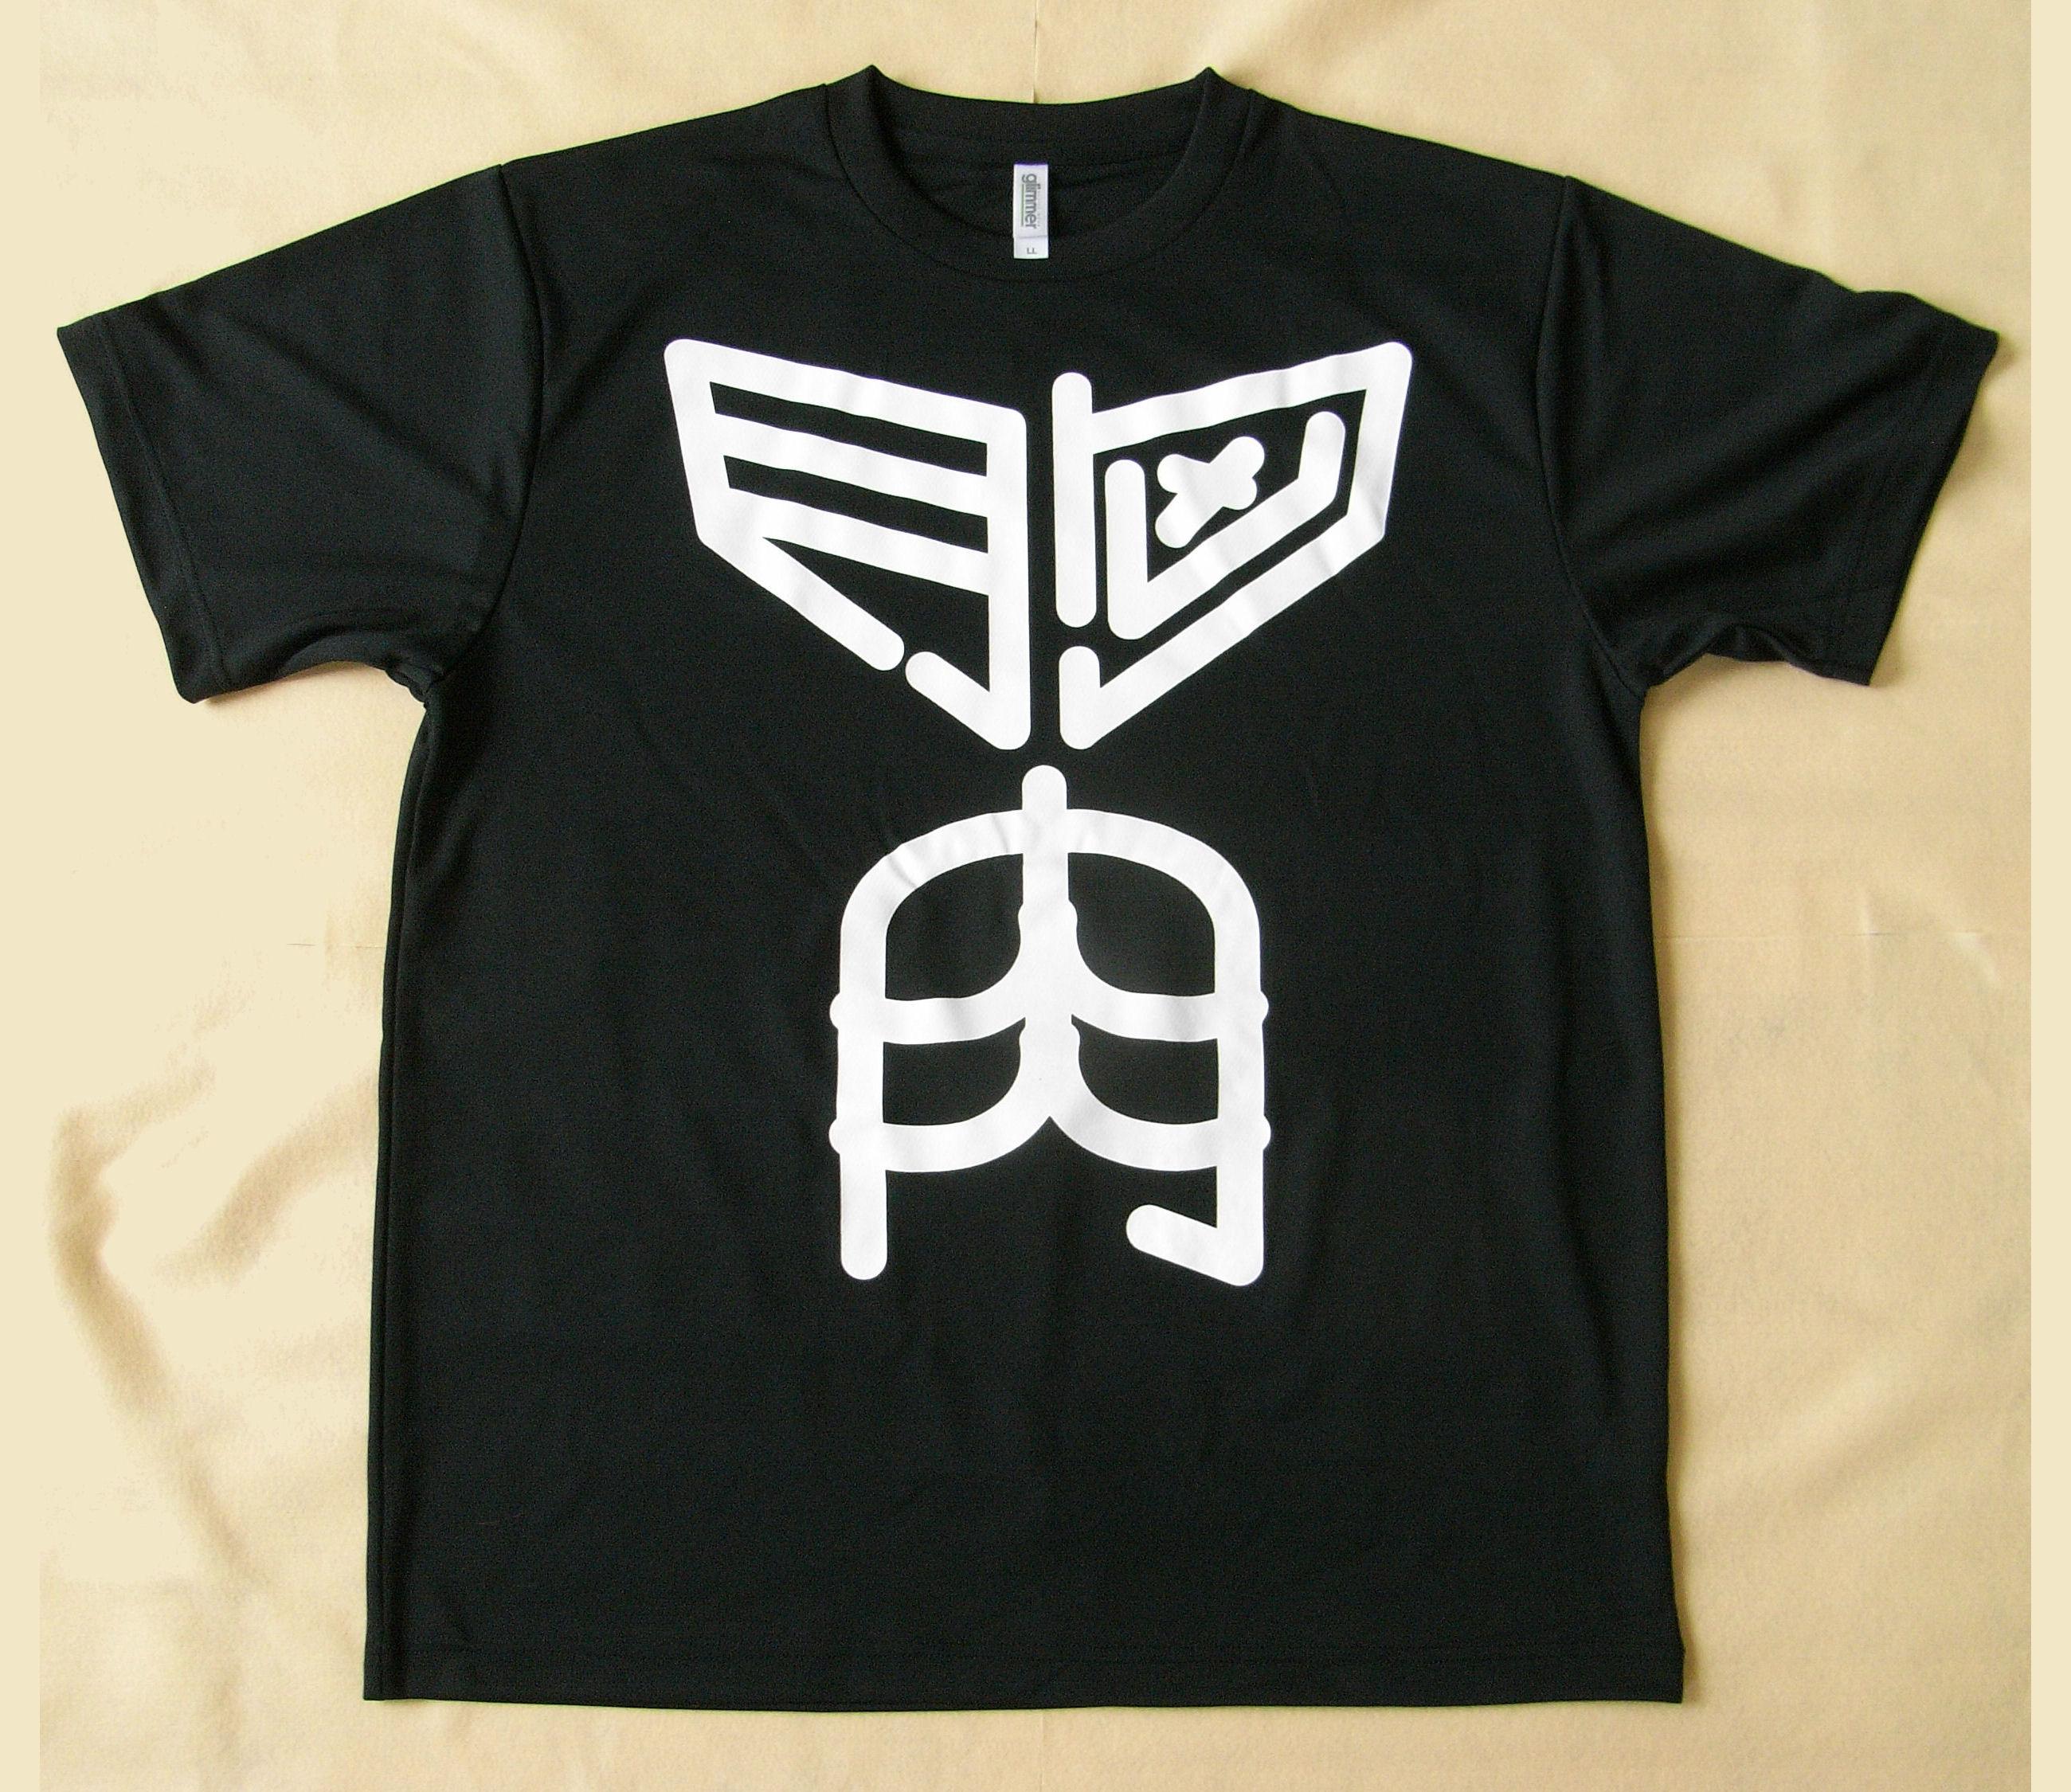 胸肉背骨Tシャツ・ドライメッシュ(色・ブラック、サイズ・XL)画像